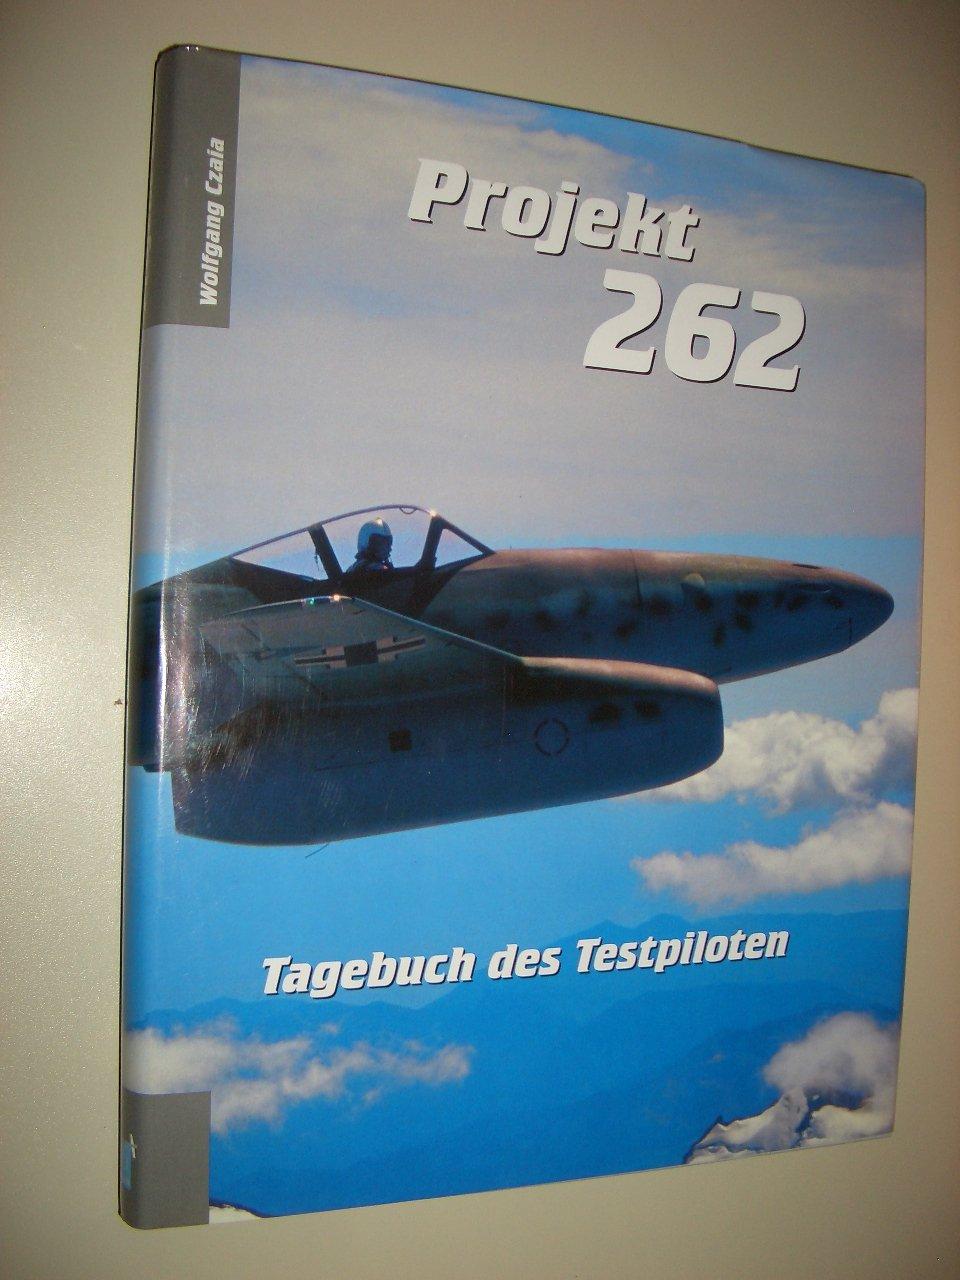 Projekt 262: Tagebuch des Testpiloten